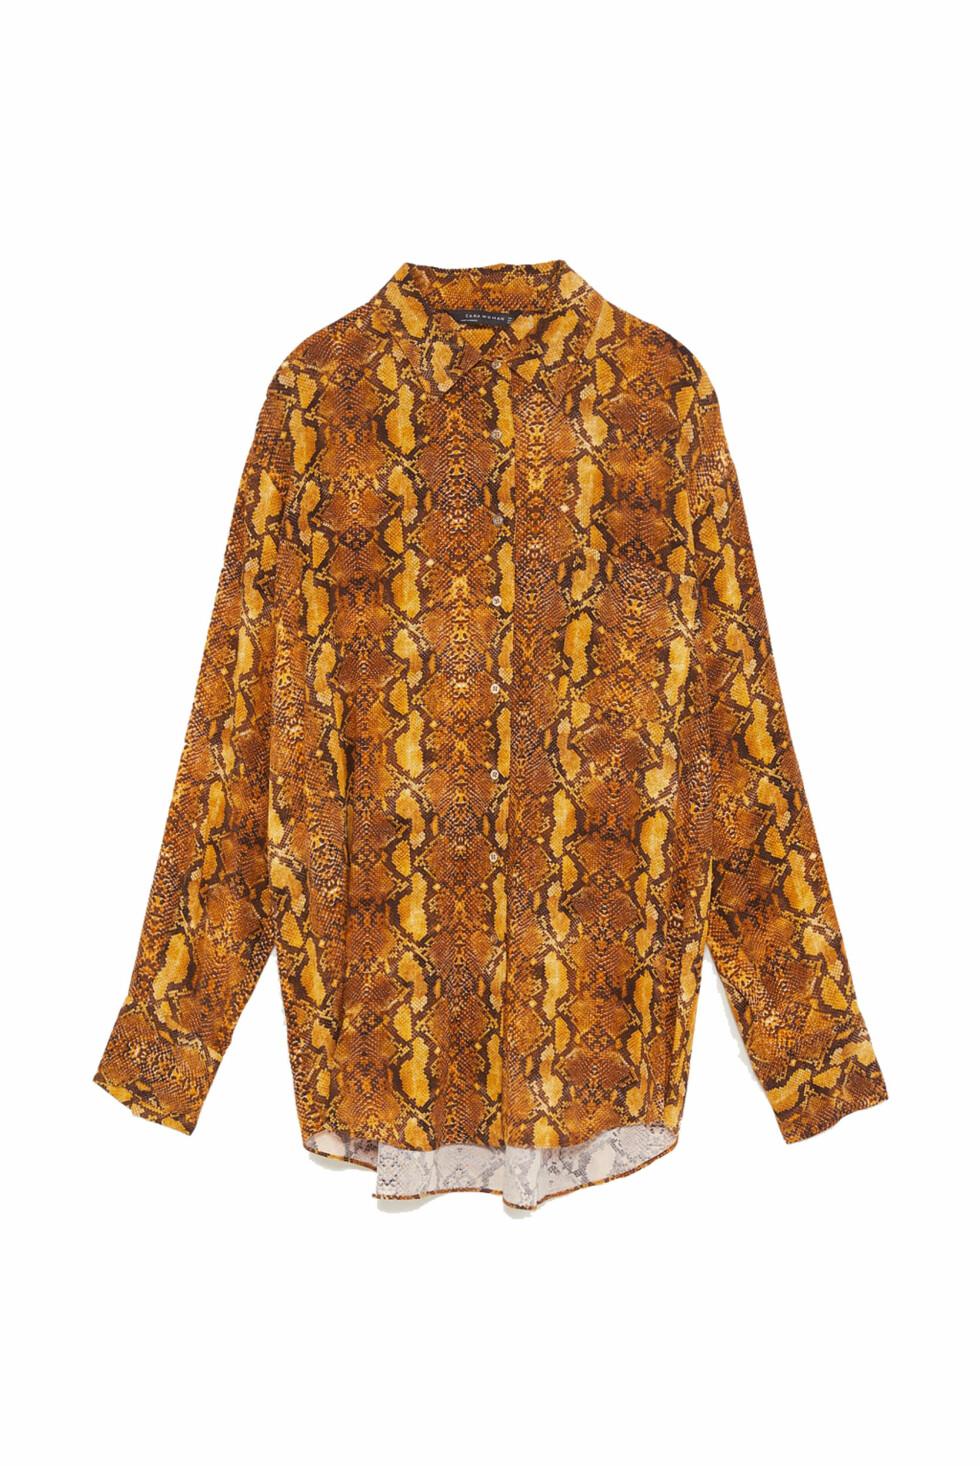 Skjorte fra Zara |549,-|https://www.zara.com/no/no/skjorte-med-slangem%C3%B8nster-p08091710.html?v1=7118654&v2=1074635